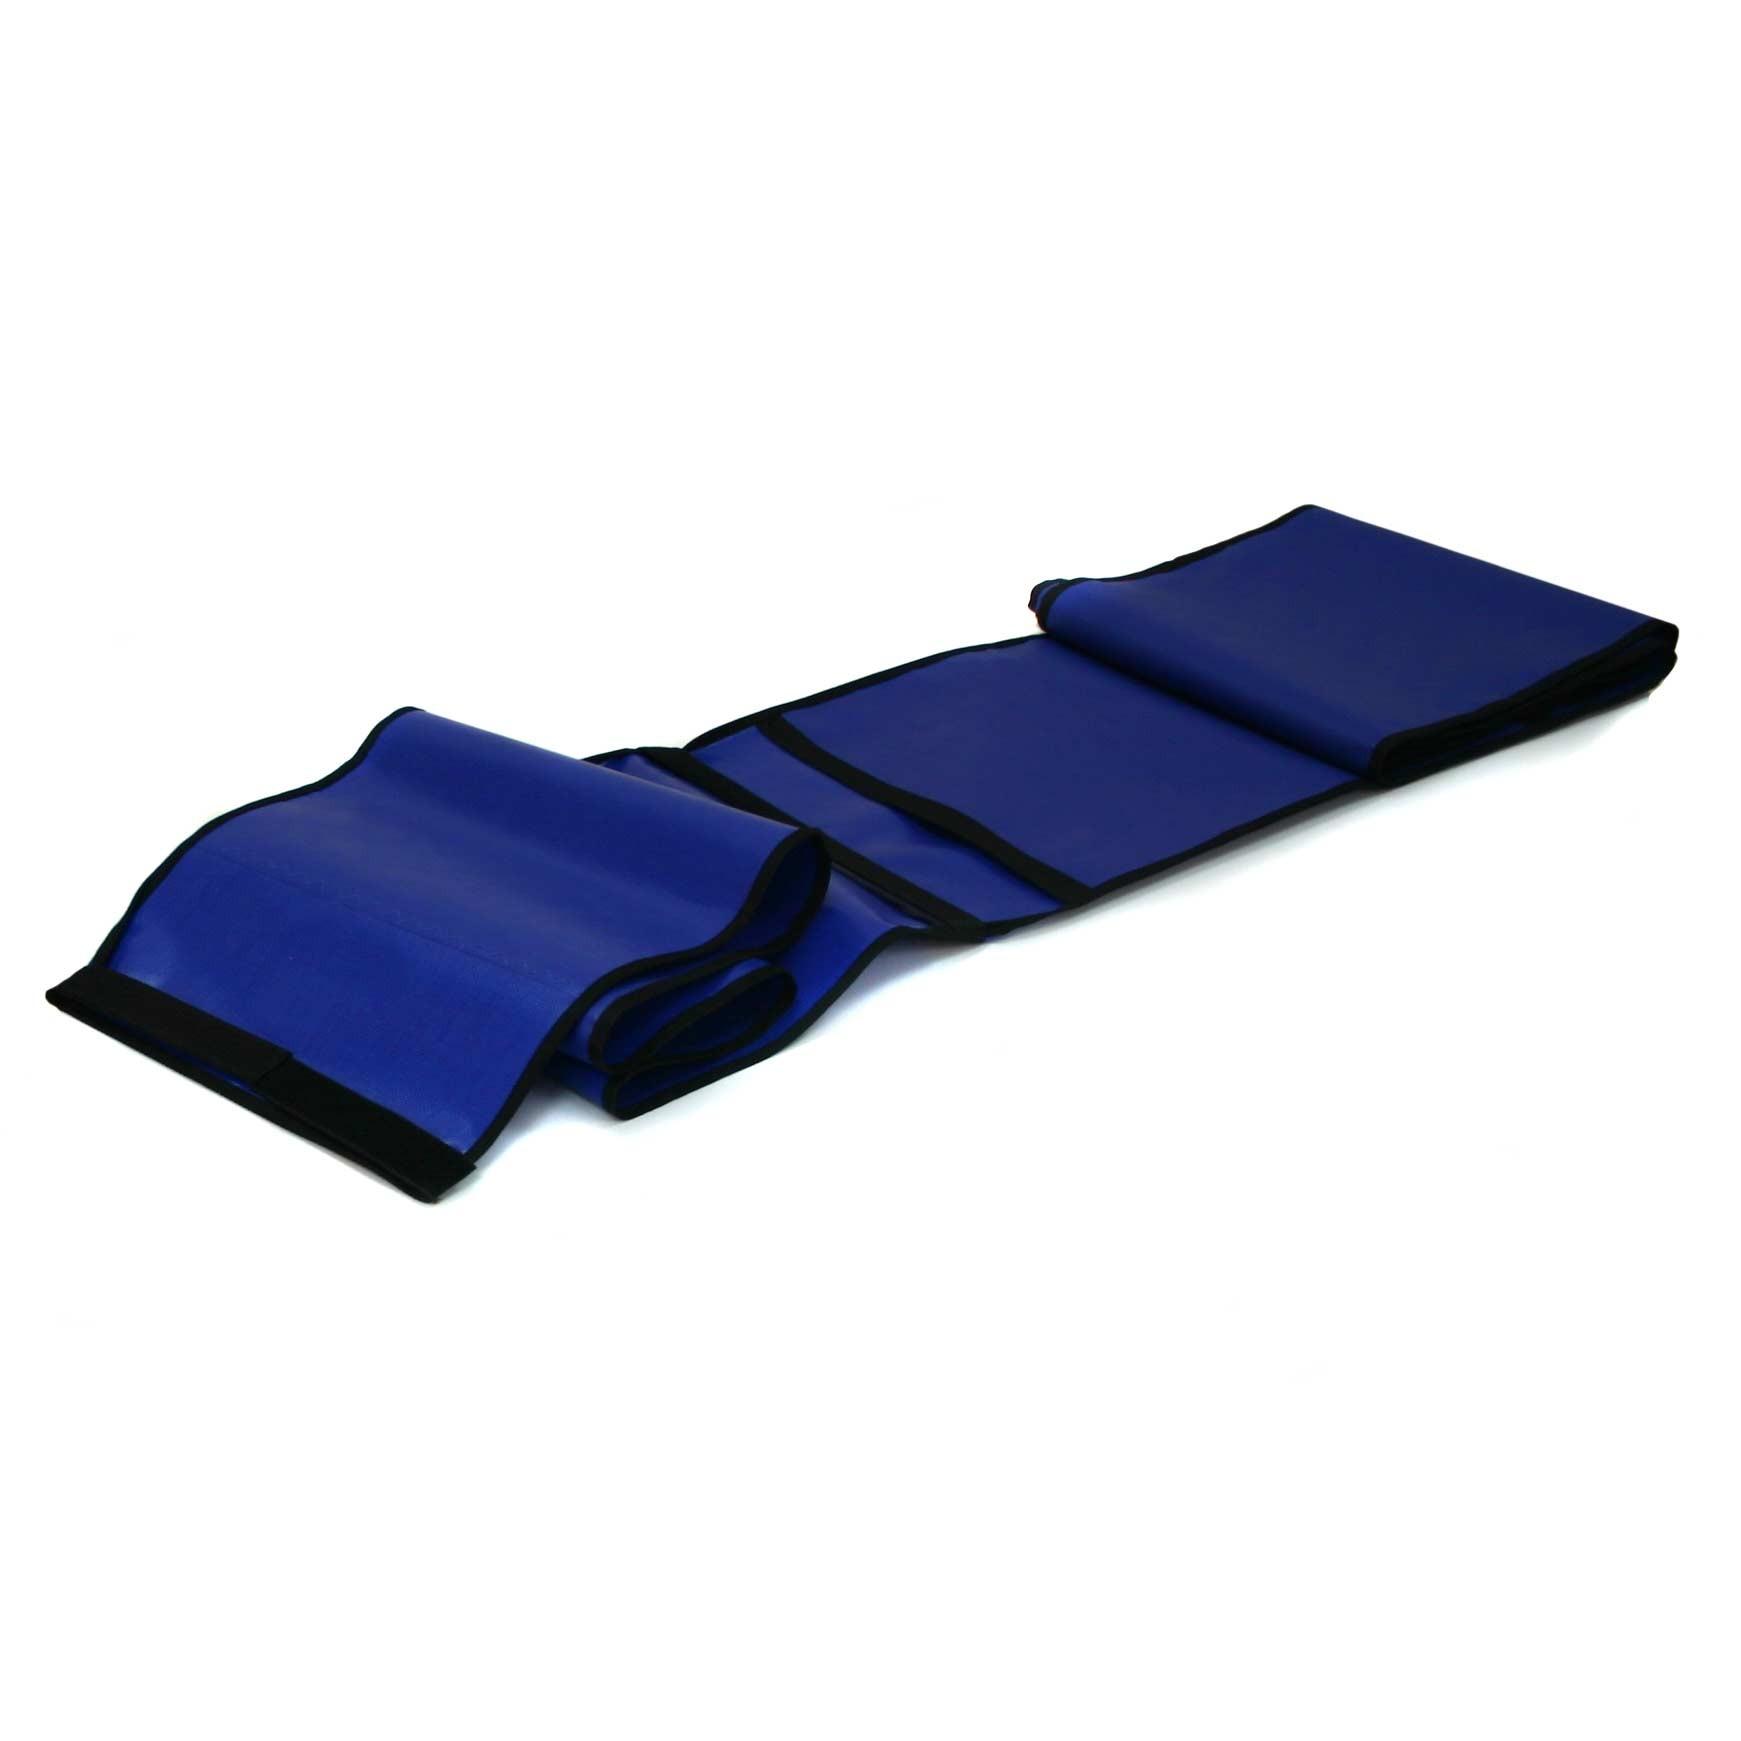 Laser 4 Pocket Spar Bag Covers Laser Catalogue